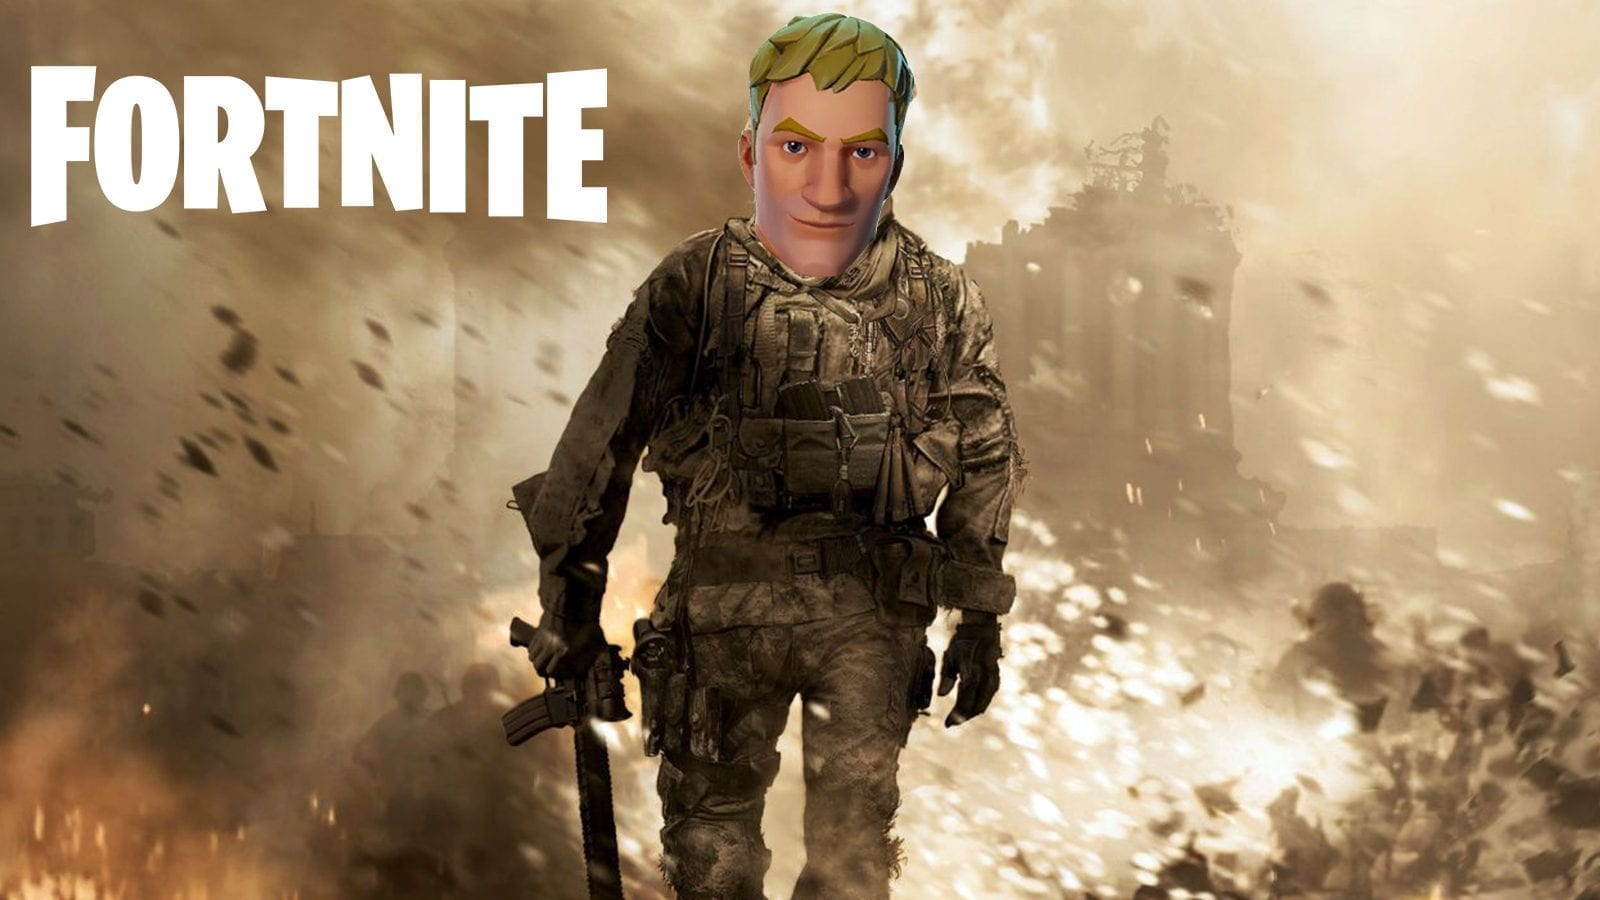 fortnite-cod-gun-game